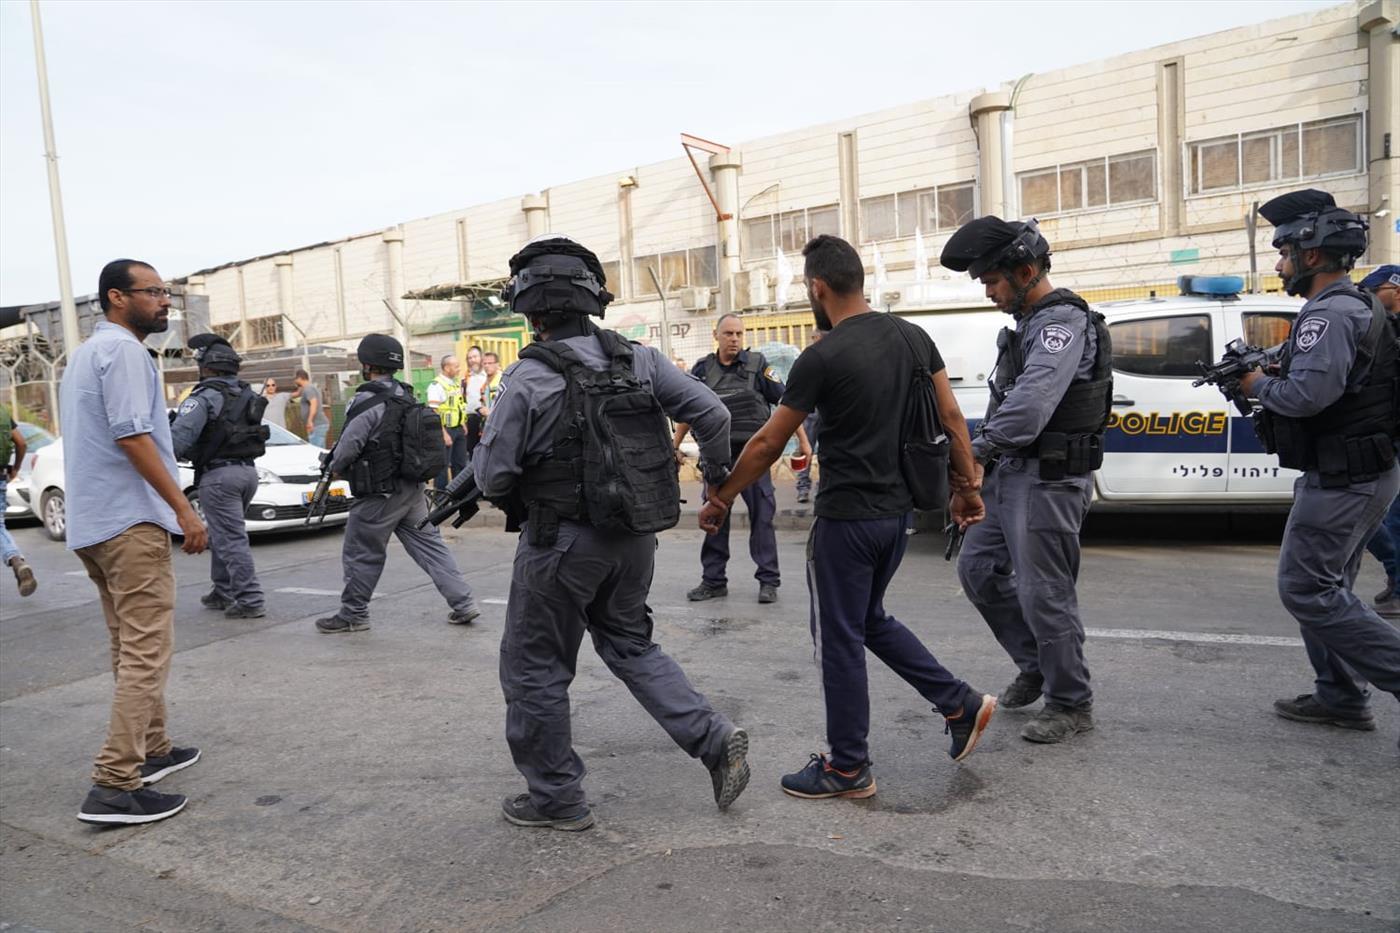 עובד ערבי נעצר בזירת הפיגוע בברקן. ארכיון (הלל מאיר TPS)